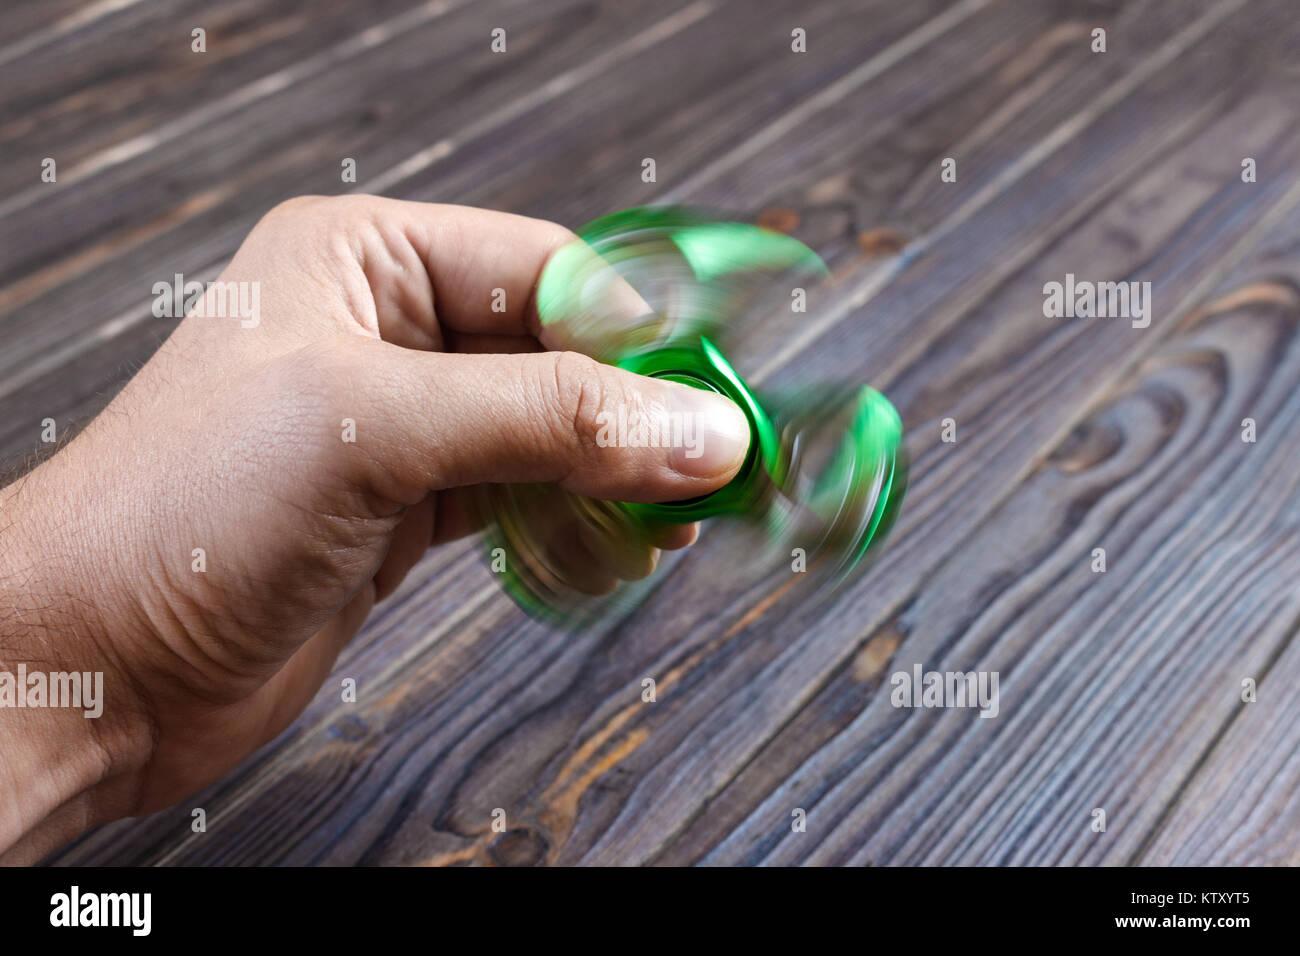 Hands holding popular fidget spinner toy. fidgeting spinner. Stock Photo